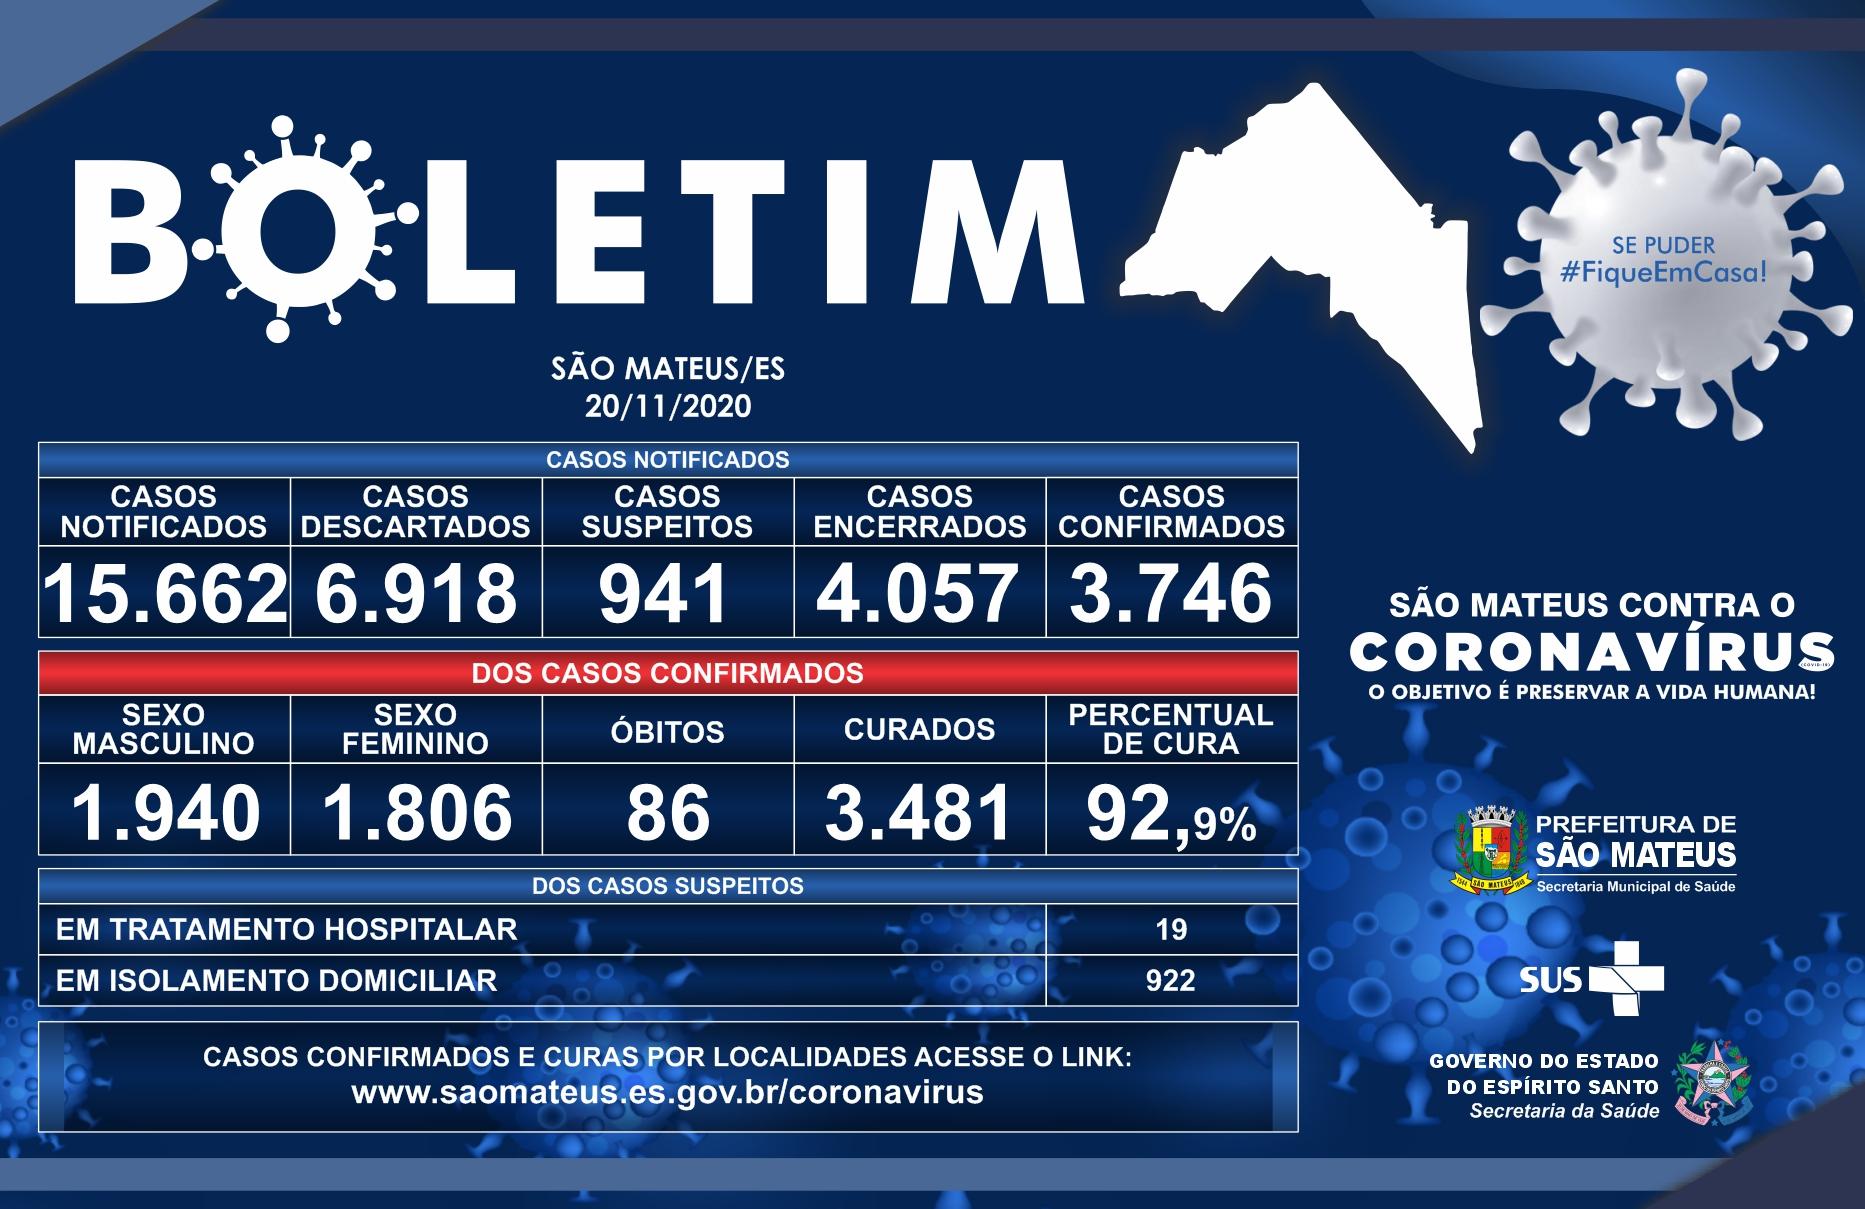 SÃO MATEUS CHEGA A 3.746 CASOS CONFIRMADOS DE CORONAVÍRUS NESSA SEXTA-FEIRA (20)